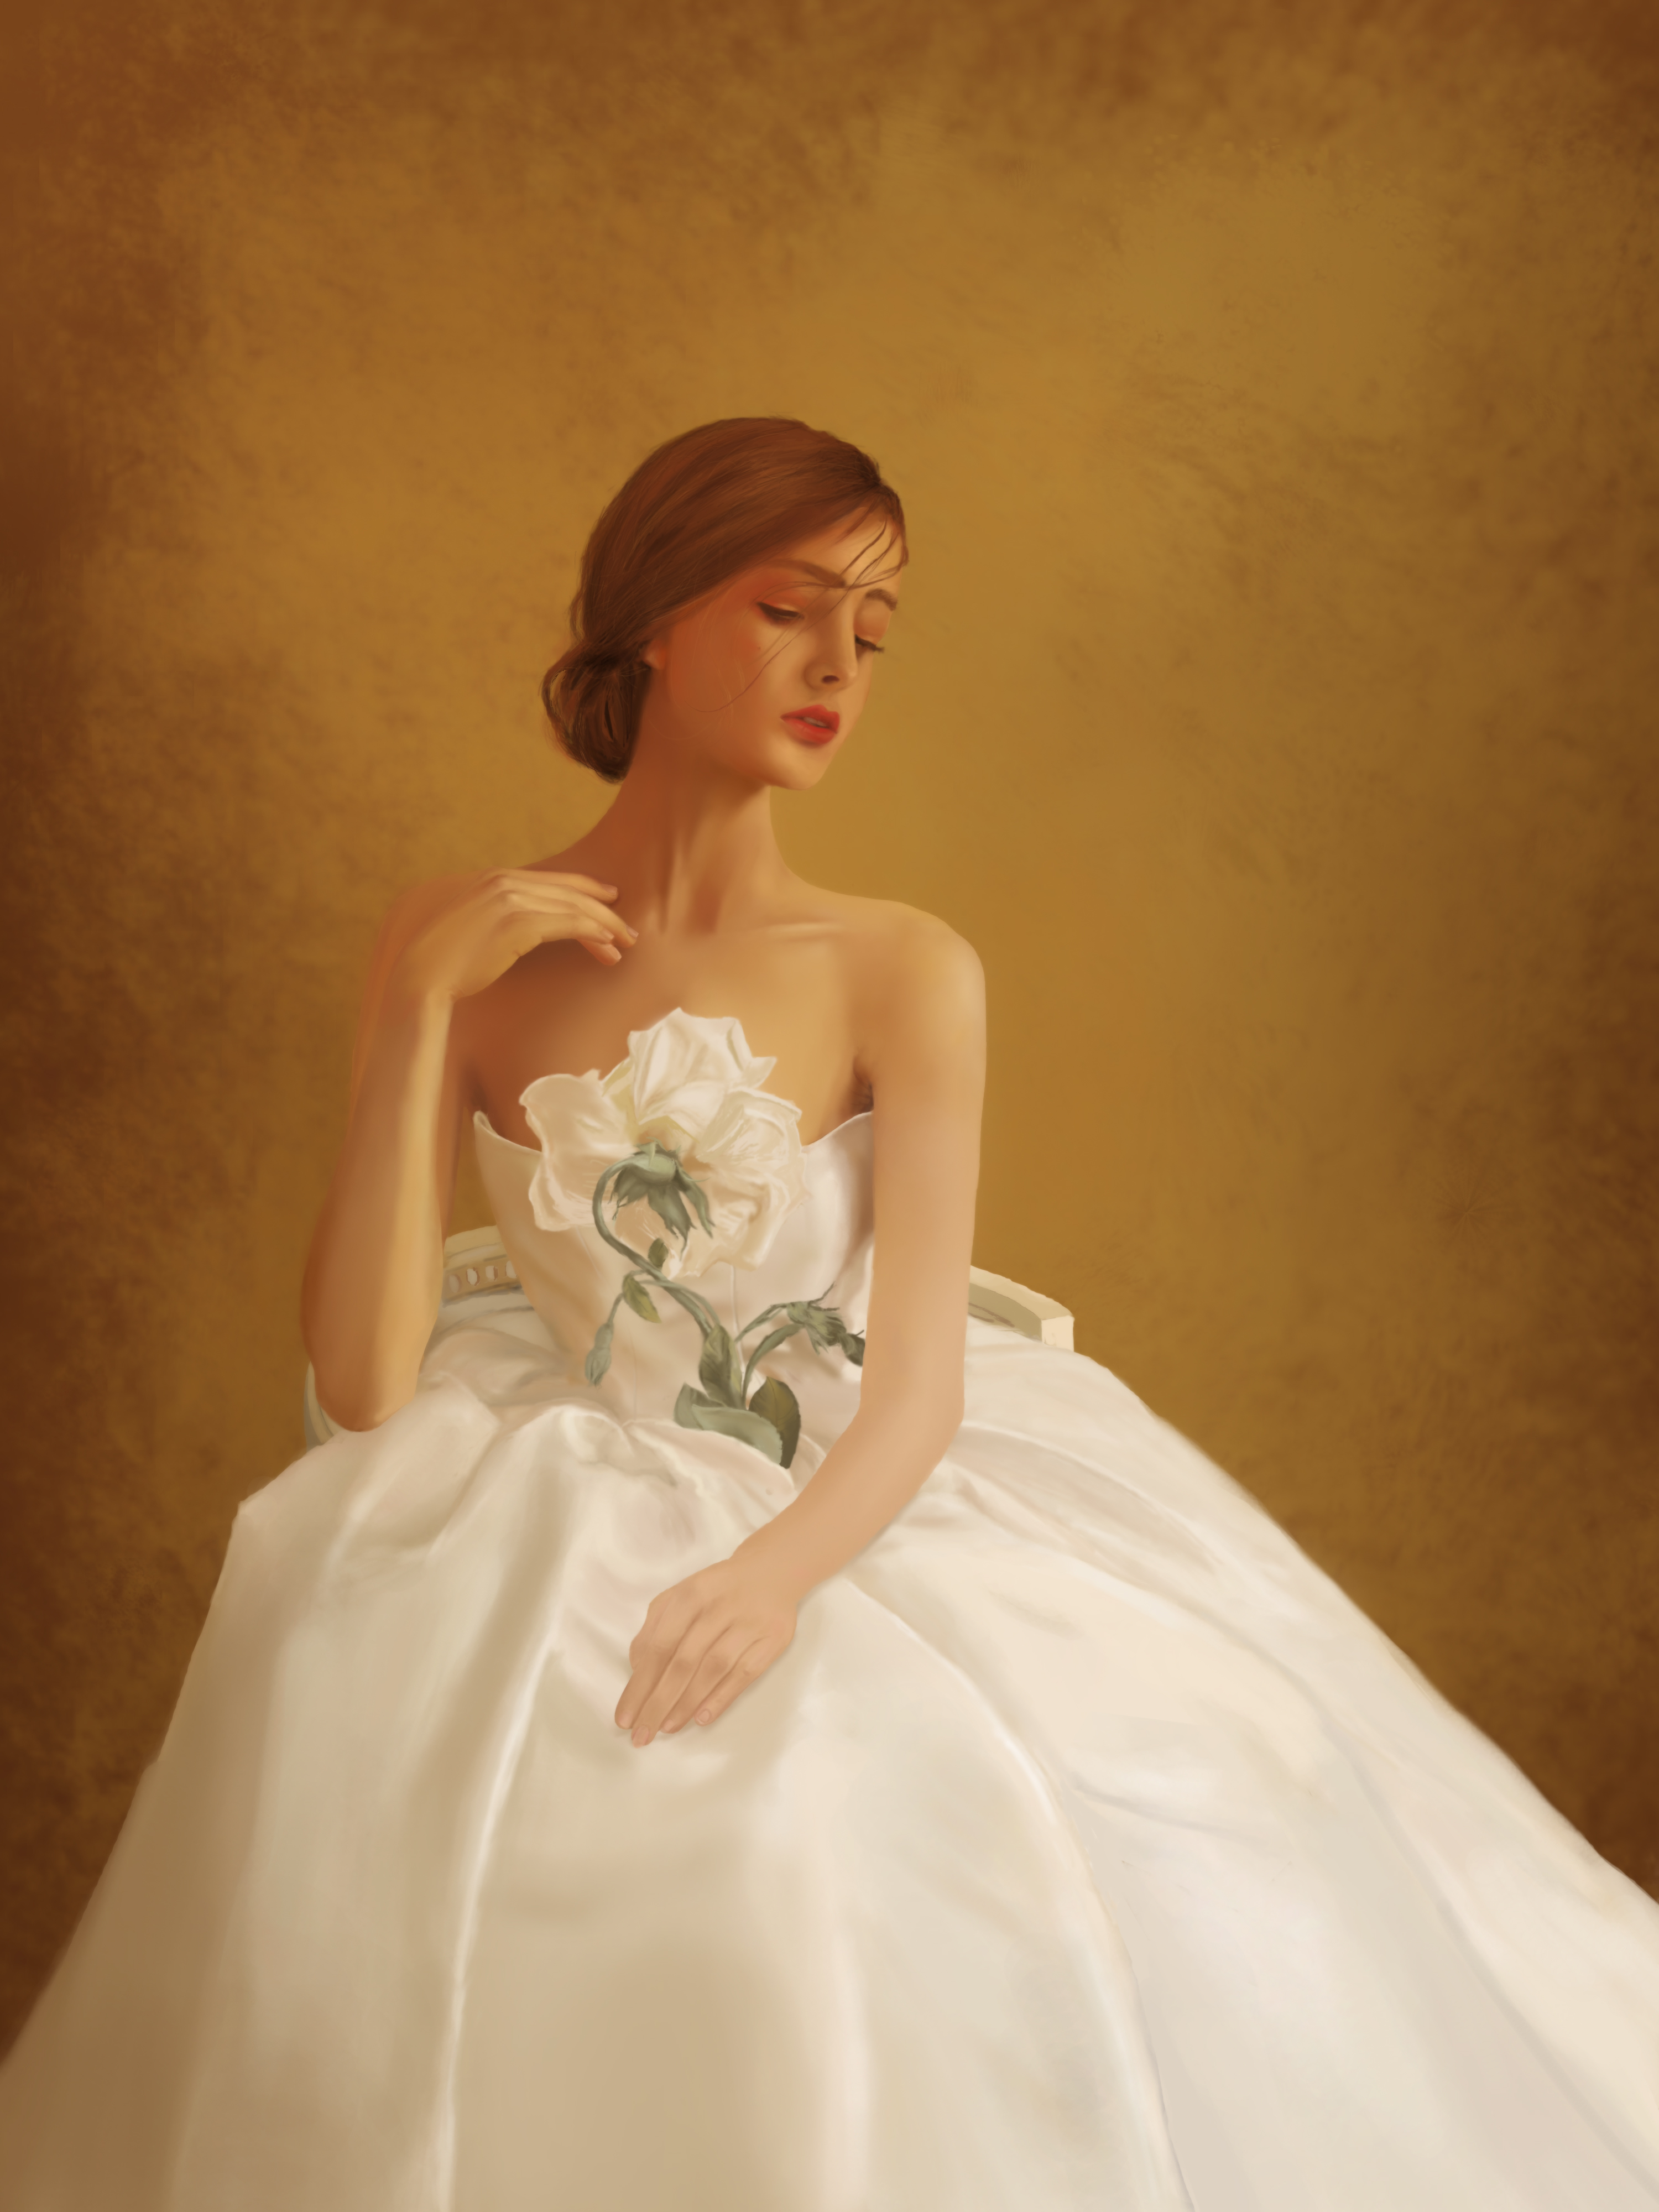 婚纱 婚纱照 3000_4000 竖版 竖屏